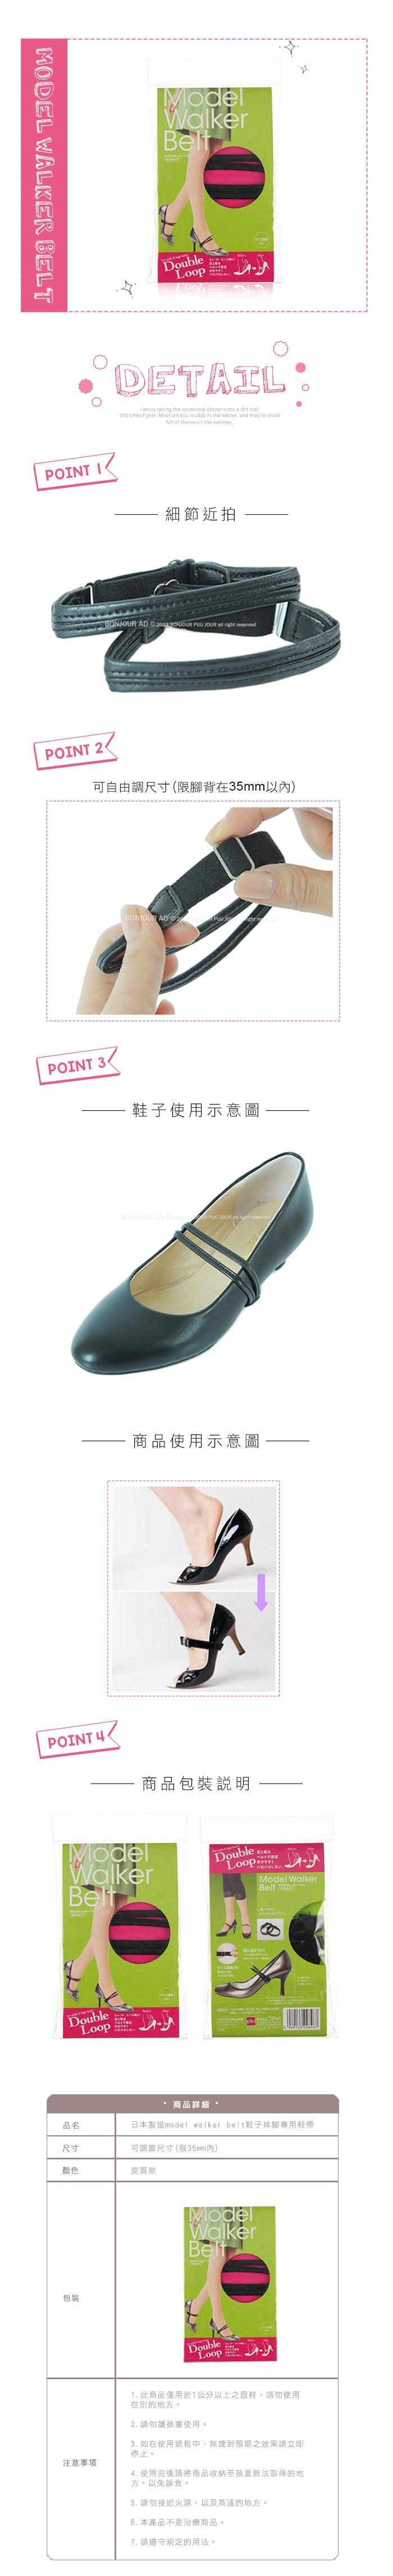 https://shop.r10s.com/2139f320-ec8c-11e4-ac44-005056b756e3/upload/ShoeBelt-infor.jpg